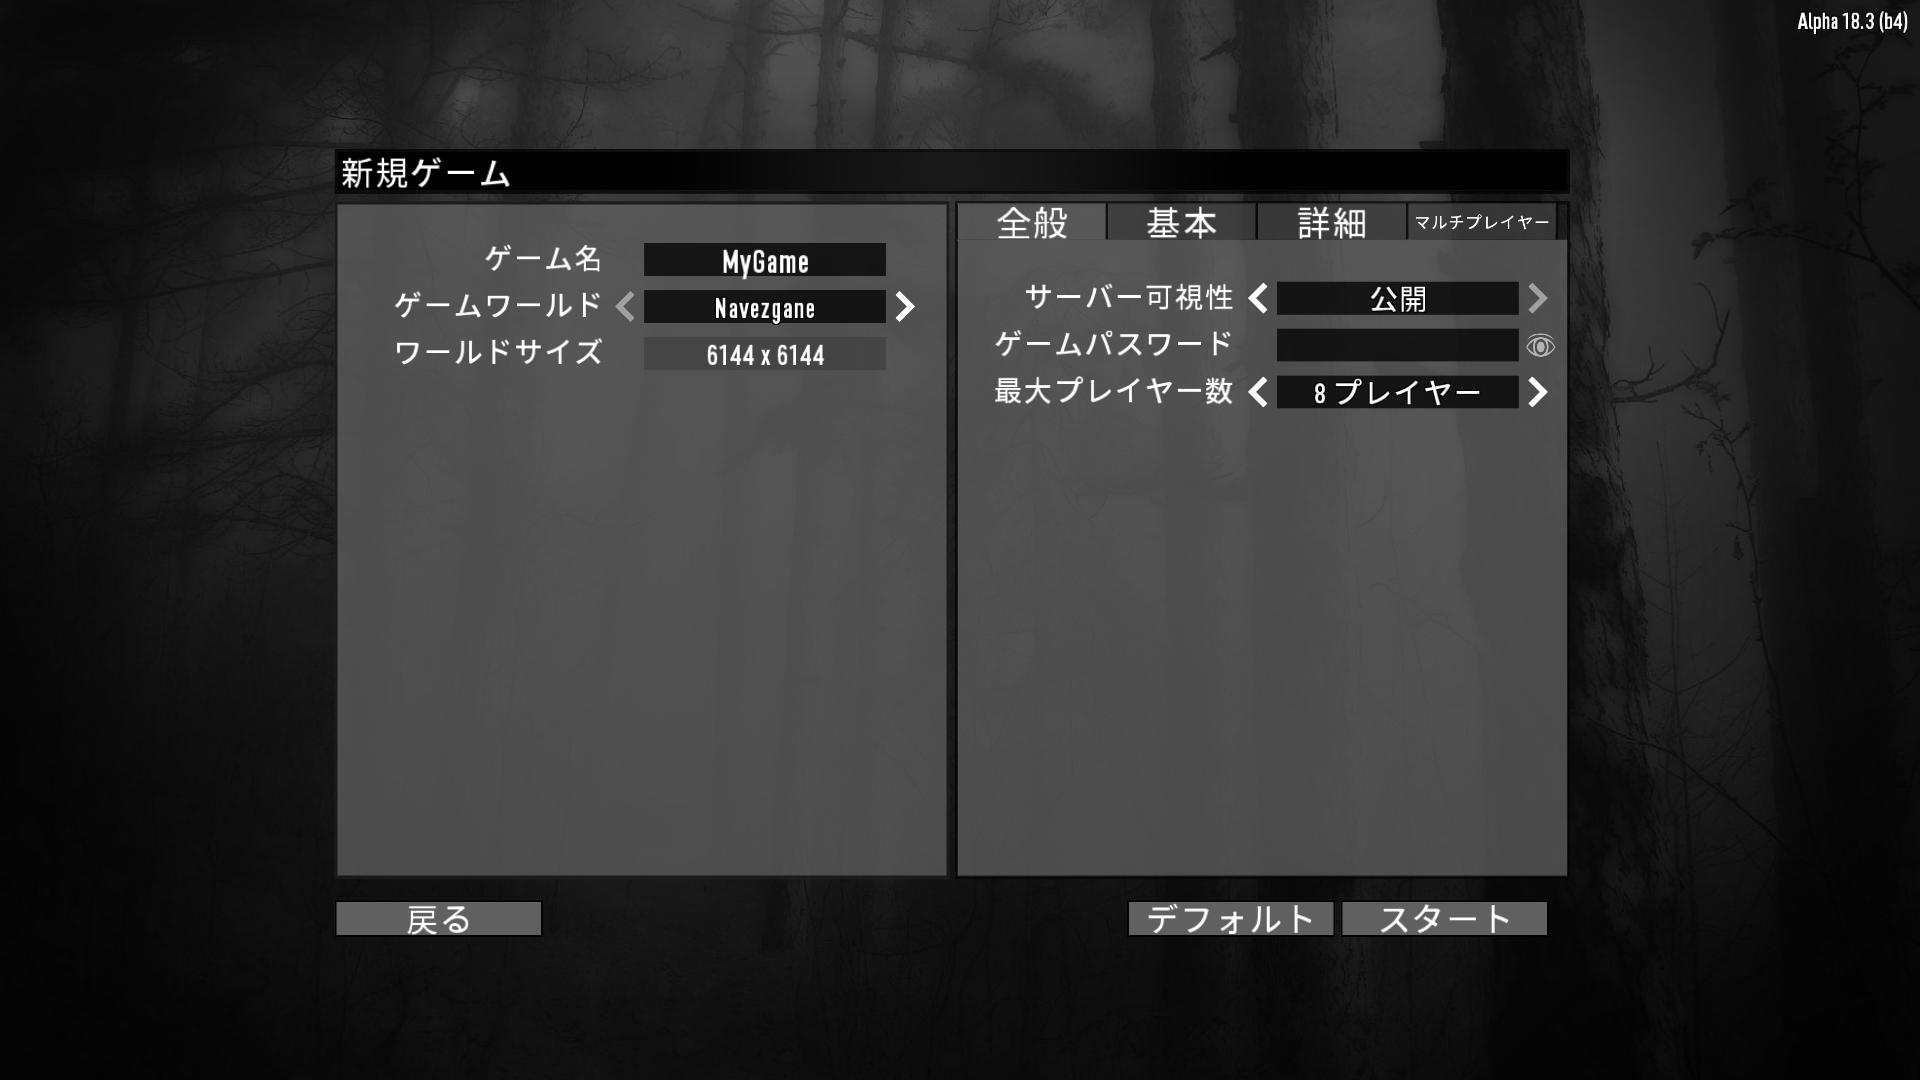 titleA18_General_jp.jpg